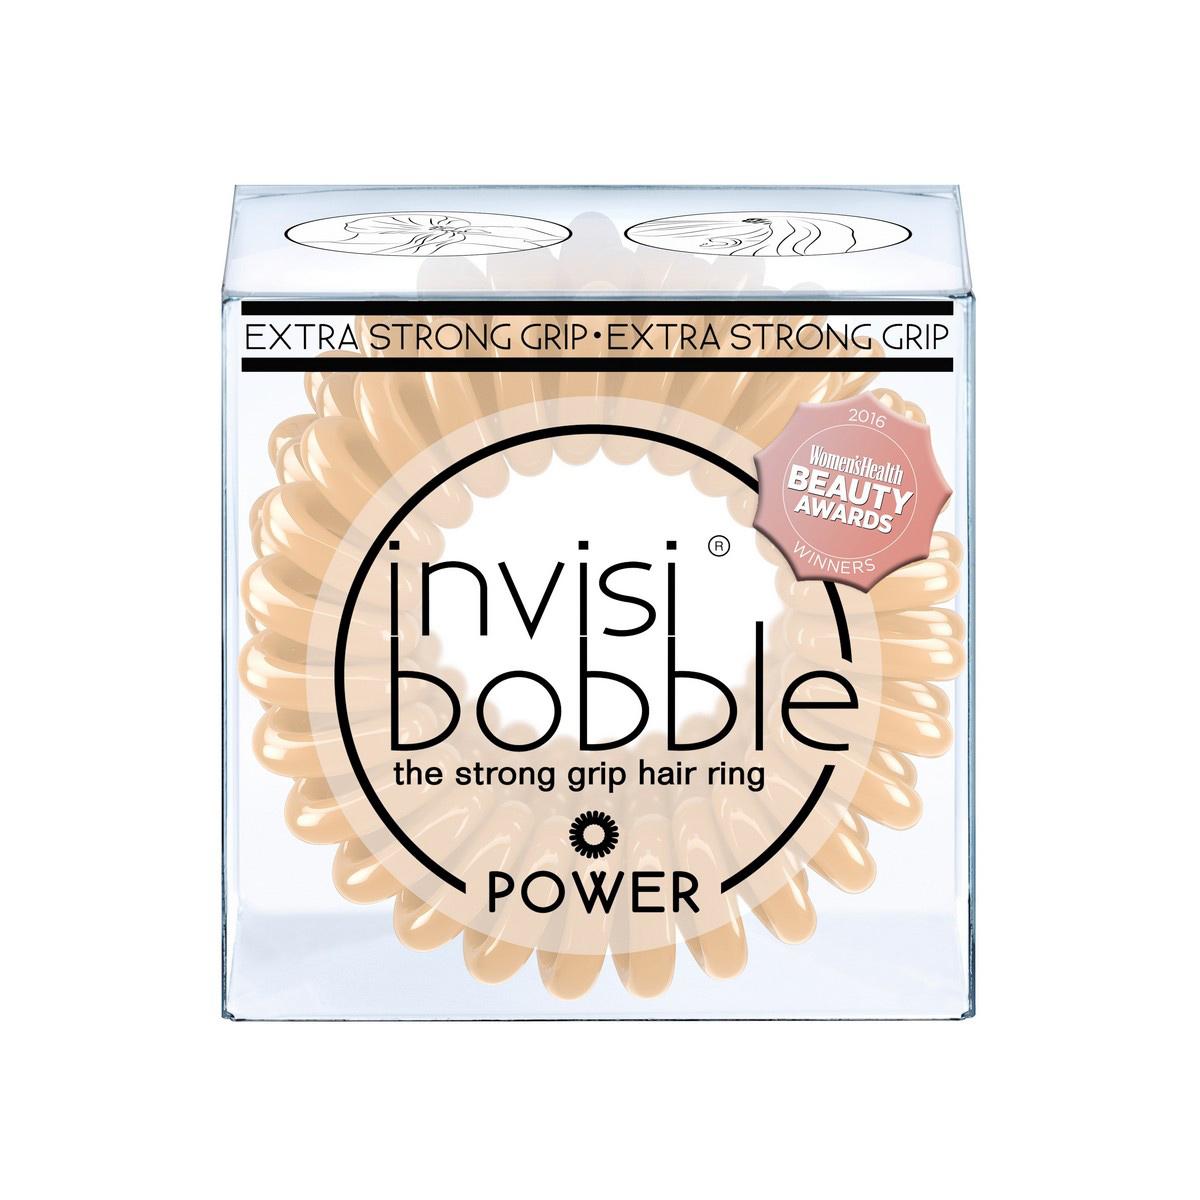 Резинка-браслет для волос Invisibobble Power To Be Or Nude To Be3069Резинки-браслеты invisibobble бежевого цвета To Be or Nude to Be из обновлённой коллекции POWER подчеркнут ваш естественный образ. Резинки-браслеты invisibobble POWER немного больше в размере, чем invisibobble ORIGINAL, а также имеют более плотные витки. Это позволяет плотно фиксировать волосы во время занятий спортом и активного отдыха. invisibobble POWER также идеальны для густых волос. Резинки-браслеты invisibobble подходят для всех типов волос, надежно фиксируют причёску, не оставляют заломы и не вызывают головную боль благодаря неравномерному распределению давления на волосы. Кроме того, они не намокают и не вызывают аллергию при контакте с кожей, поскольку изготовлены из искусственной смолы.